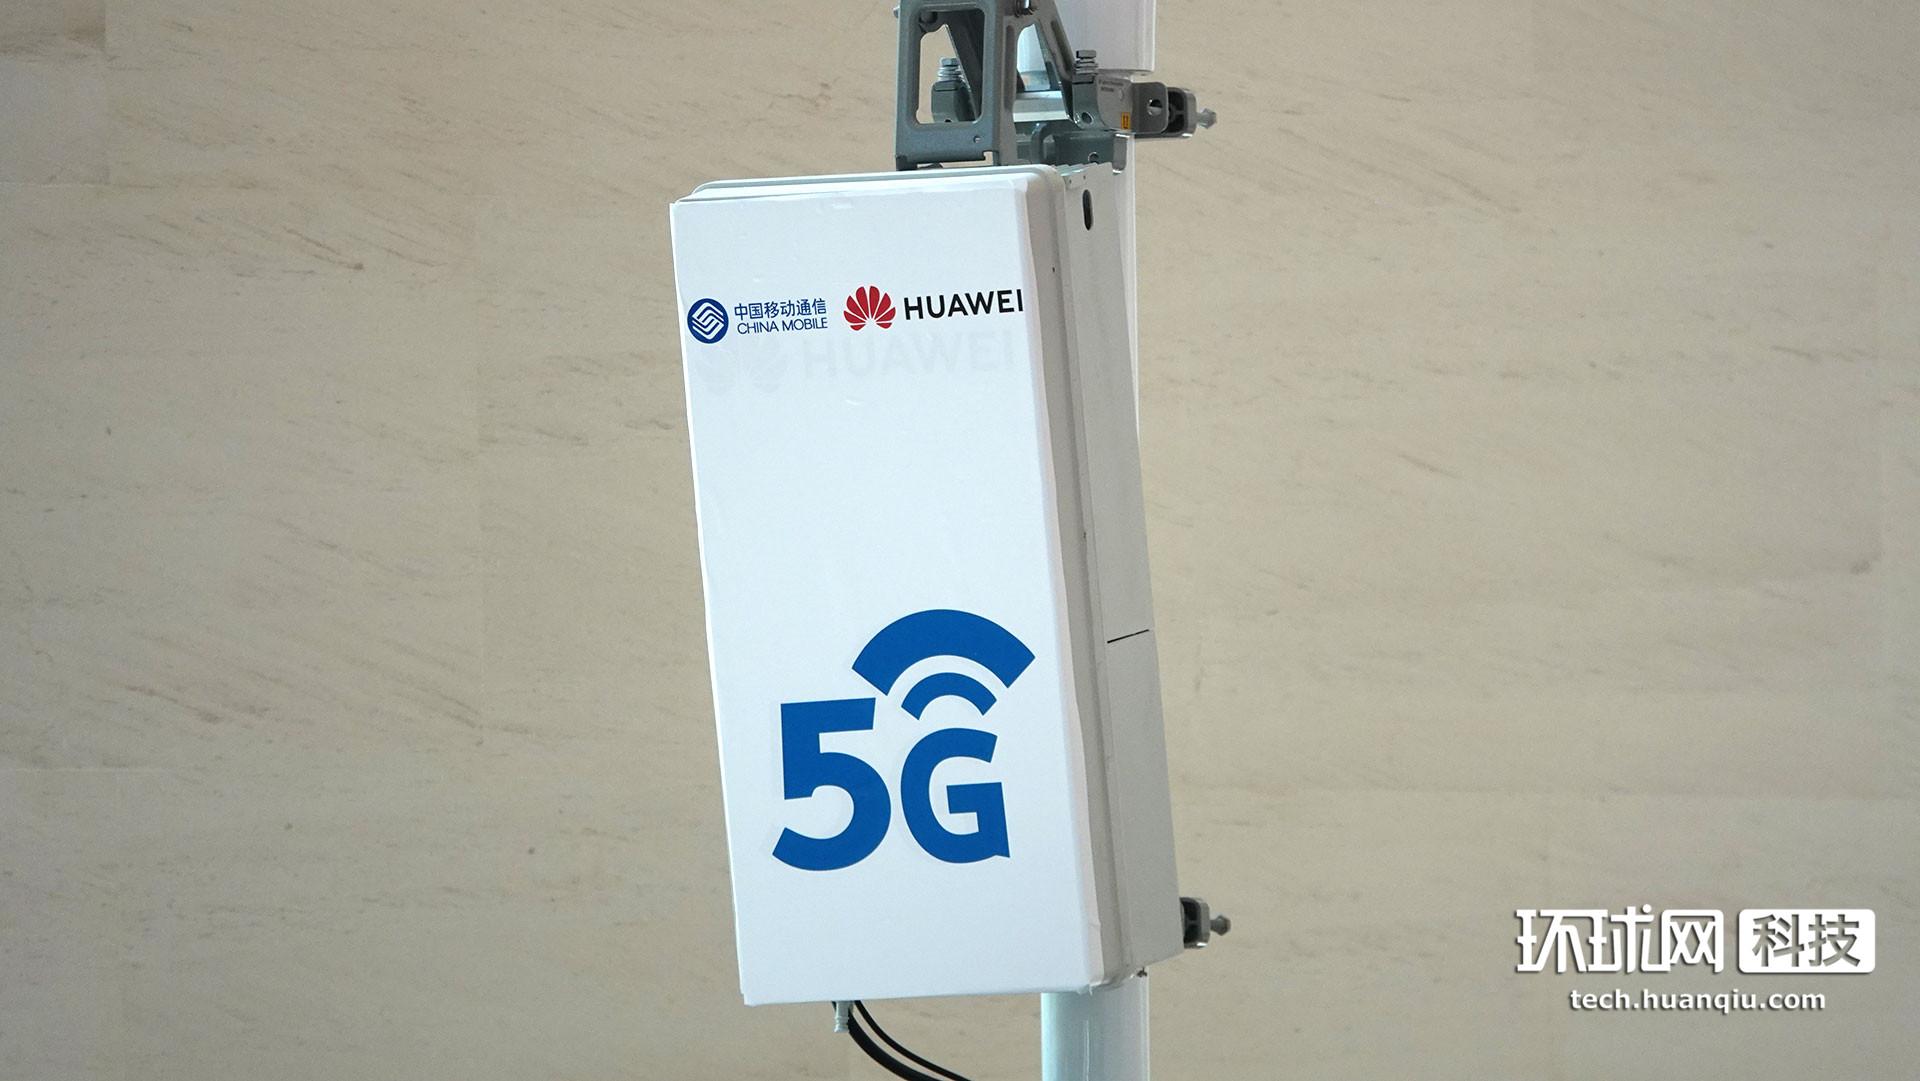 北京市通信管理局公布5G建設進展,勢頭喜人